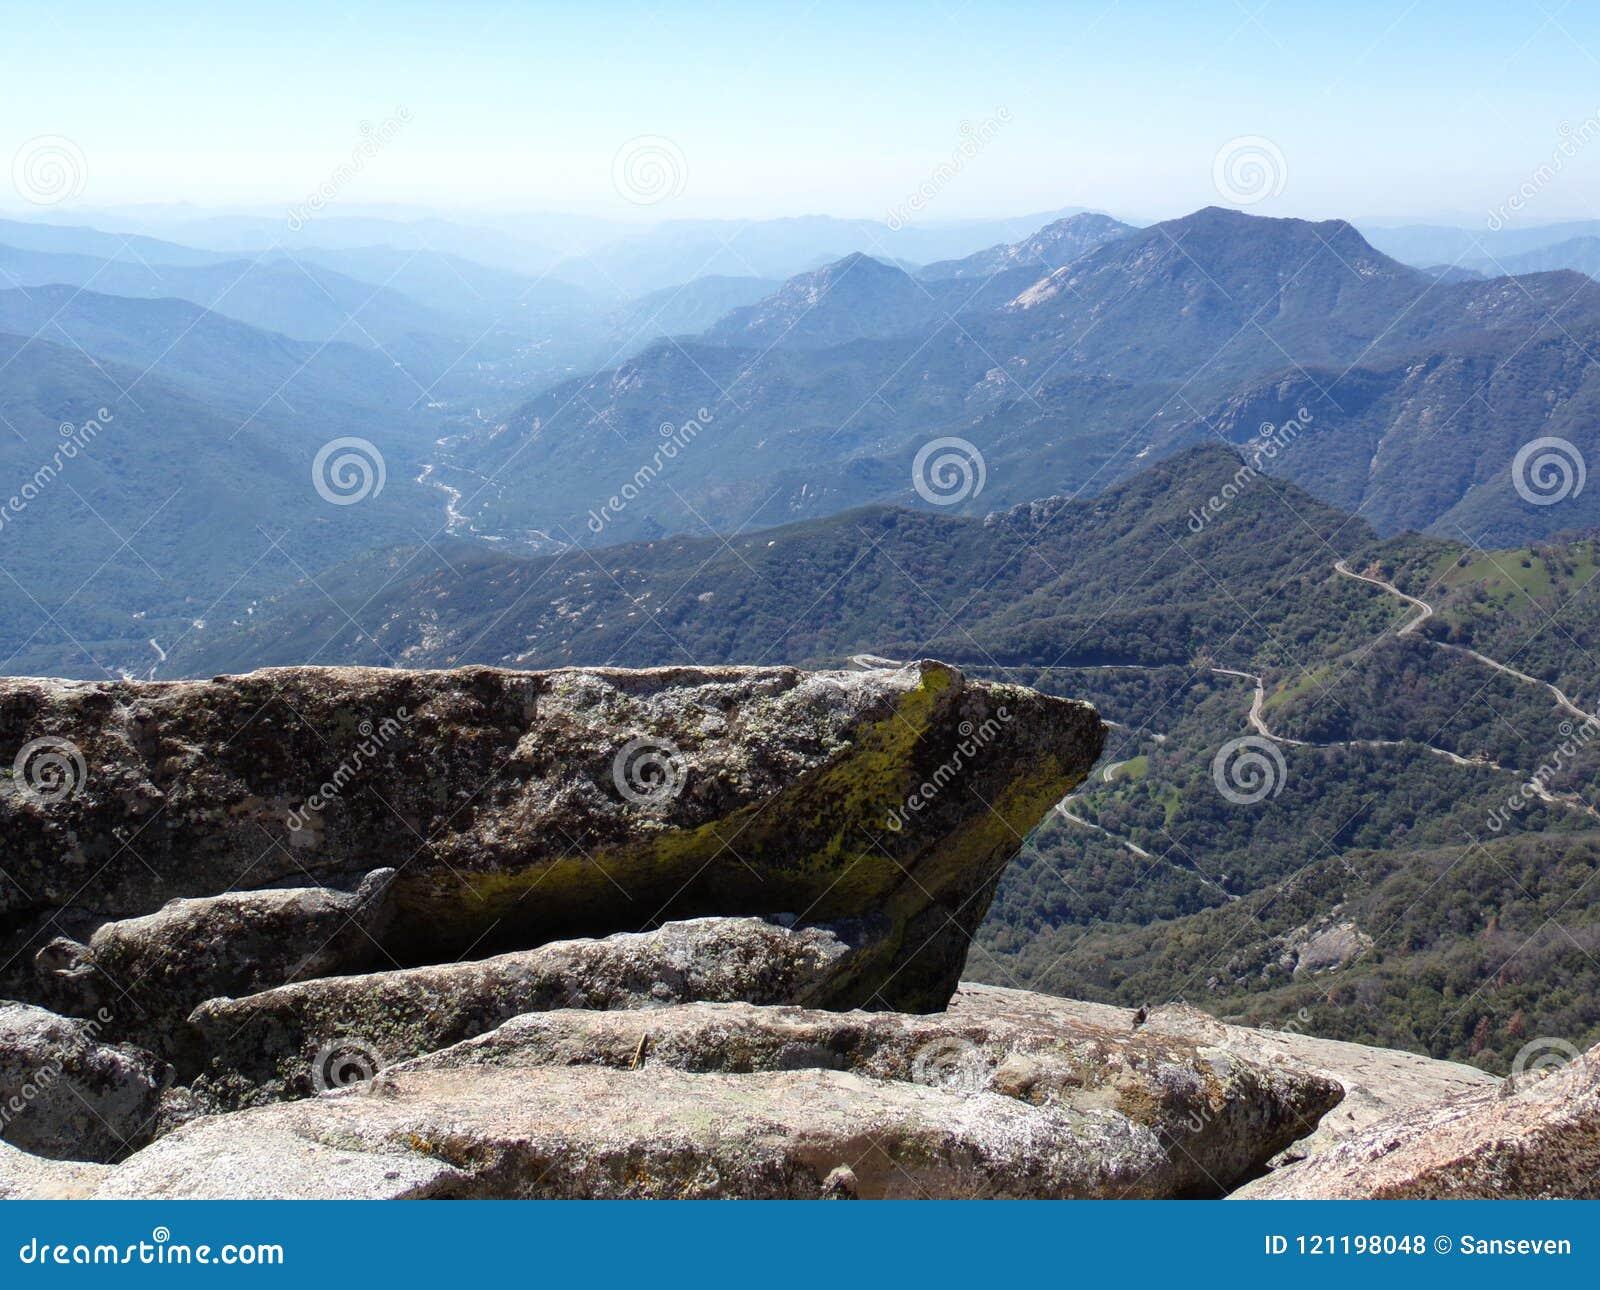 Άποψη από κορυφή του βράχου Moro που αγνοεί τα βουνά και τις κοιλάδες - Sequoia εθνικό πάρκο, Καλιφόρνια, Ηνωμένες Πολιτείες